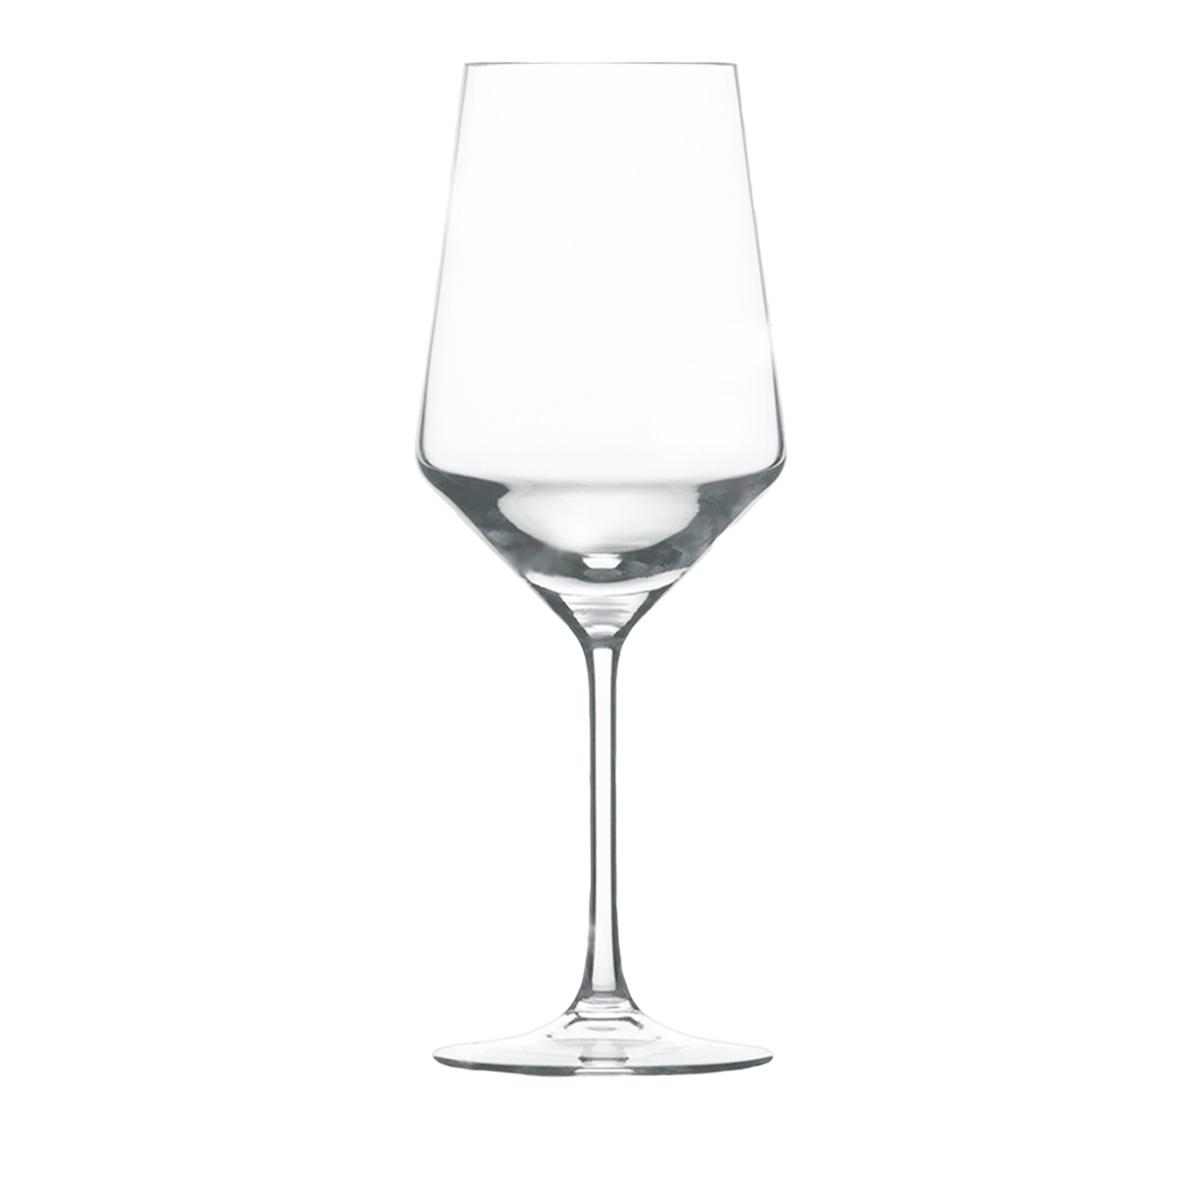 """Бокалы для вина Bohemia Crystal коллекции """"Джейн"""" порадуют не только вас, но и ваших гостей. Они обладают привлекательным внешним видом, а материалом их изготовления является высококачественное хрустальное стекло. Кроме того, красоту бокала подчеркивает элегантная форма ножки. Объем бокала 560 мл. Количество в упаковке 6 шт."""